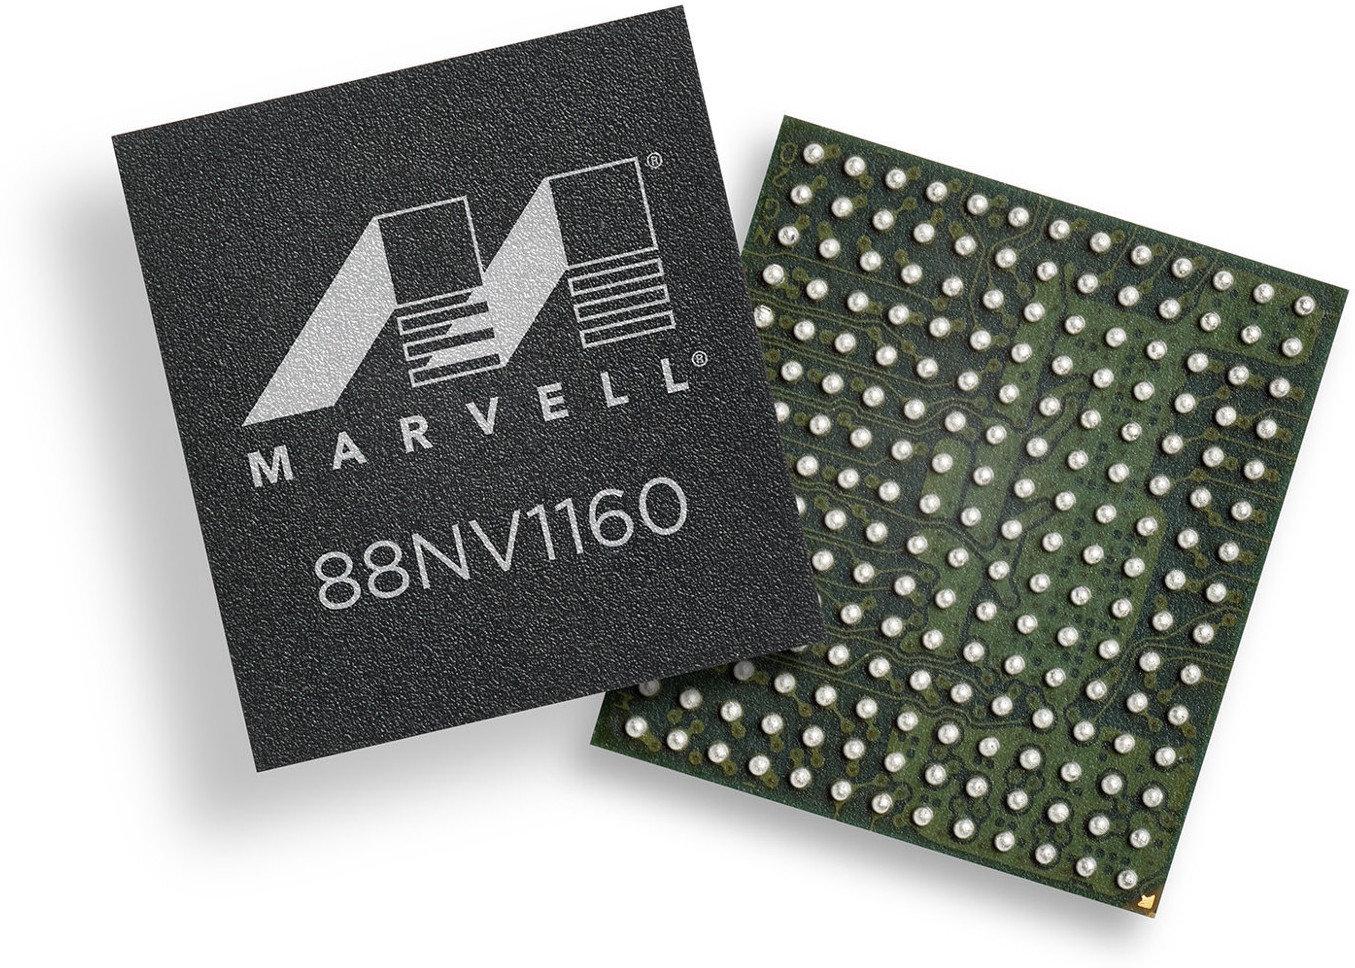 Marvell 88NV1160